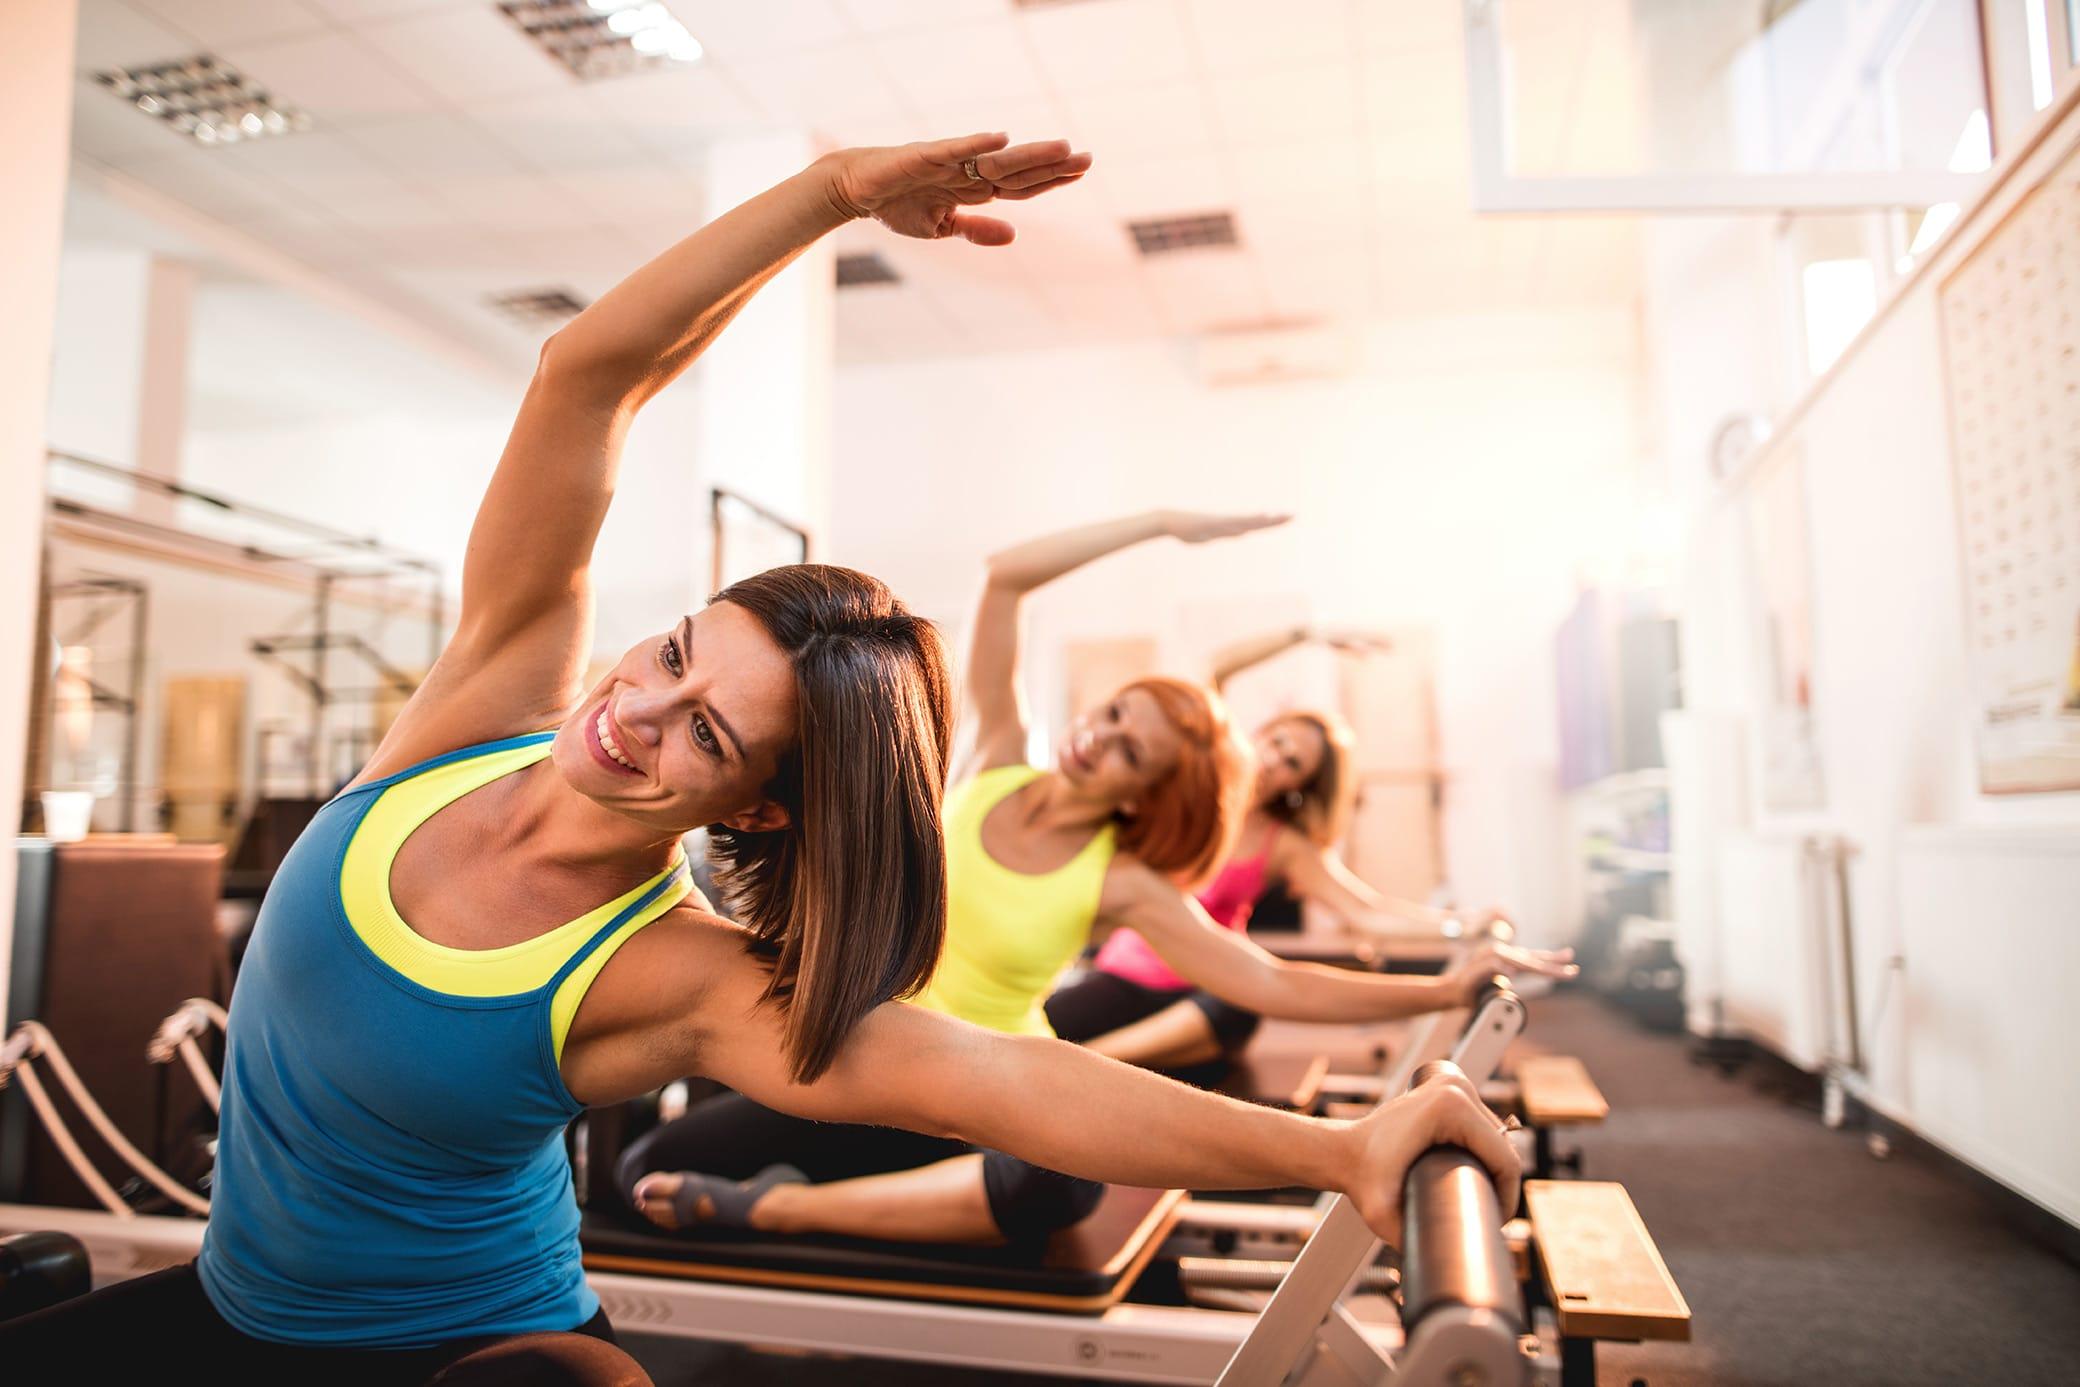 Dobro došli u naš<br>pilates studio